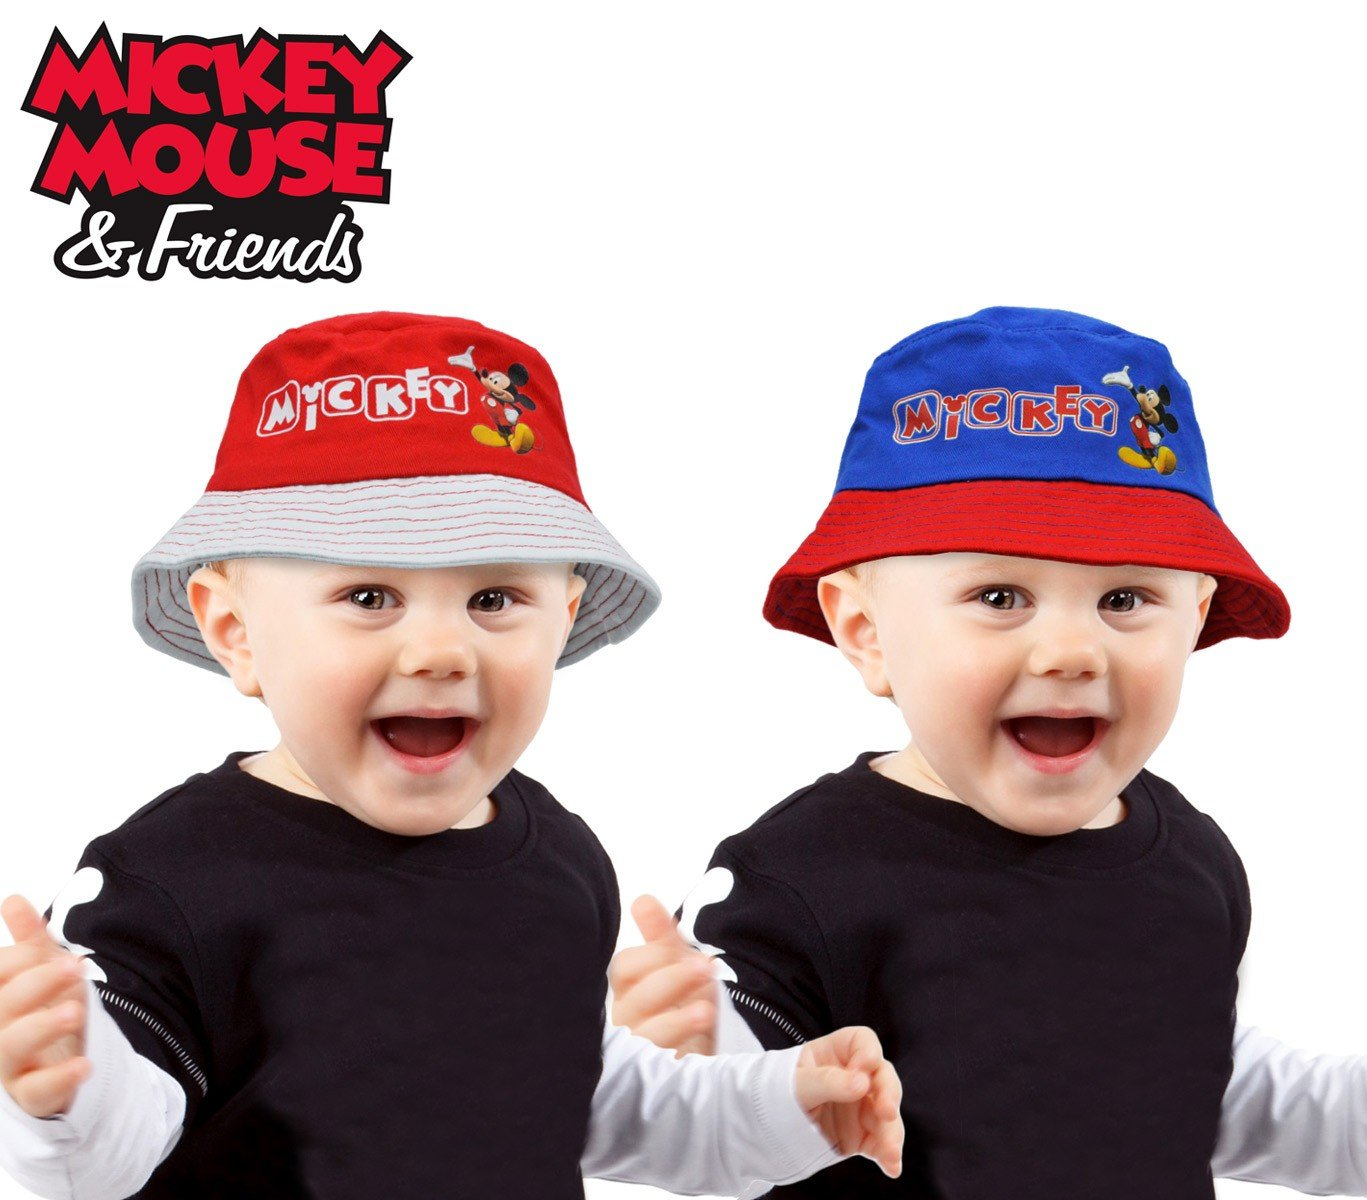 305875 Sombrero infantil tipo pescador con diseño MICKEY MOUSE - Azul, 50 cm